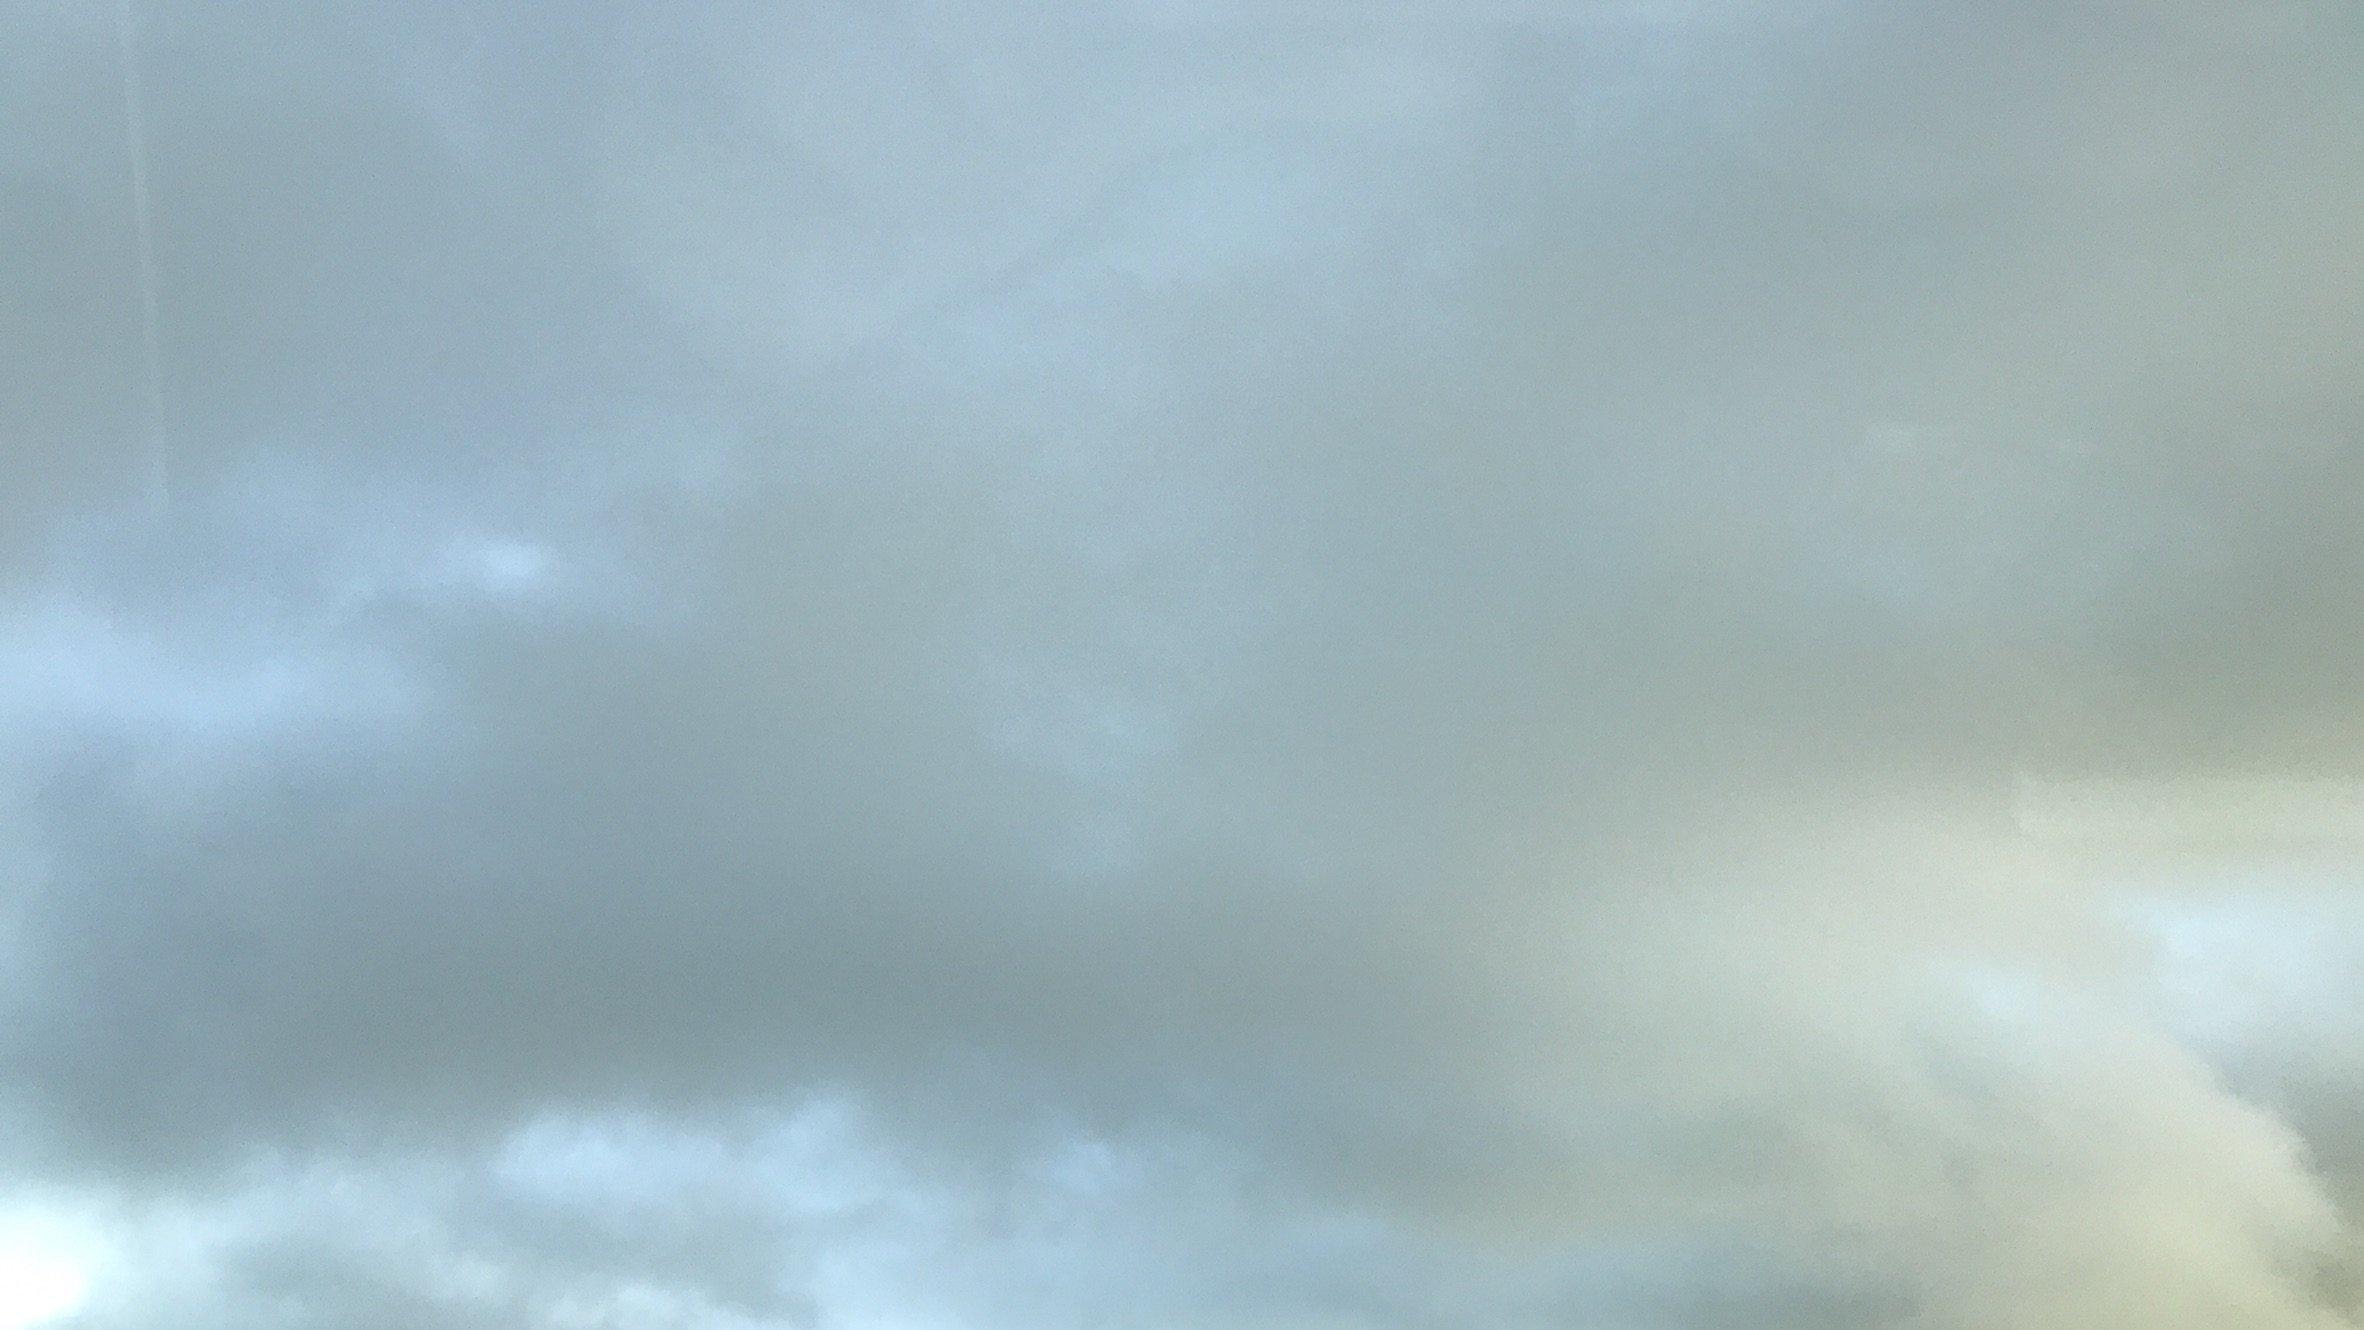 今日はお出かけ♪ルンルン ((ω∀ω)) ルンルン♪雲行き怪しいけど…(^_^;